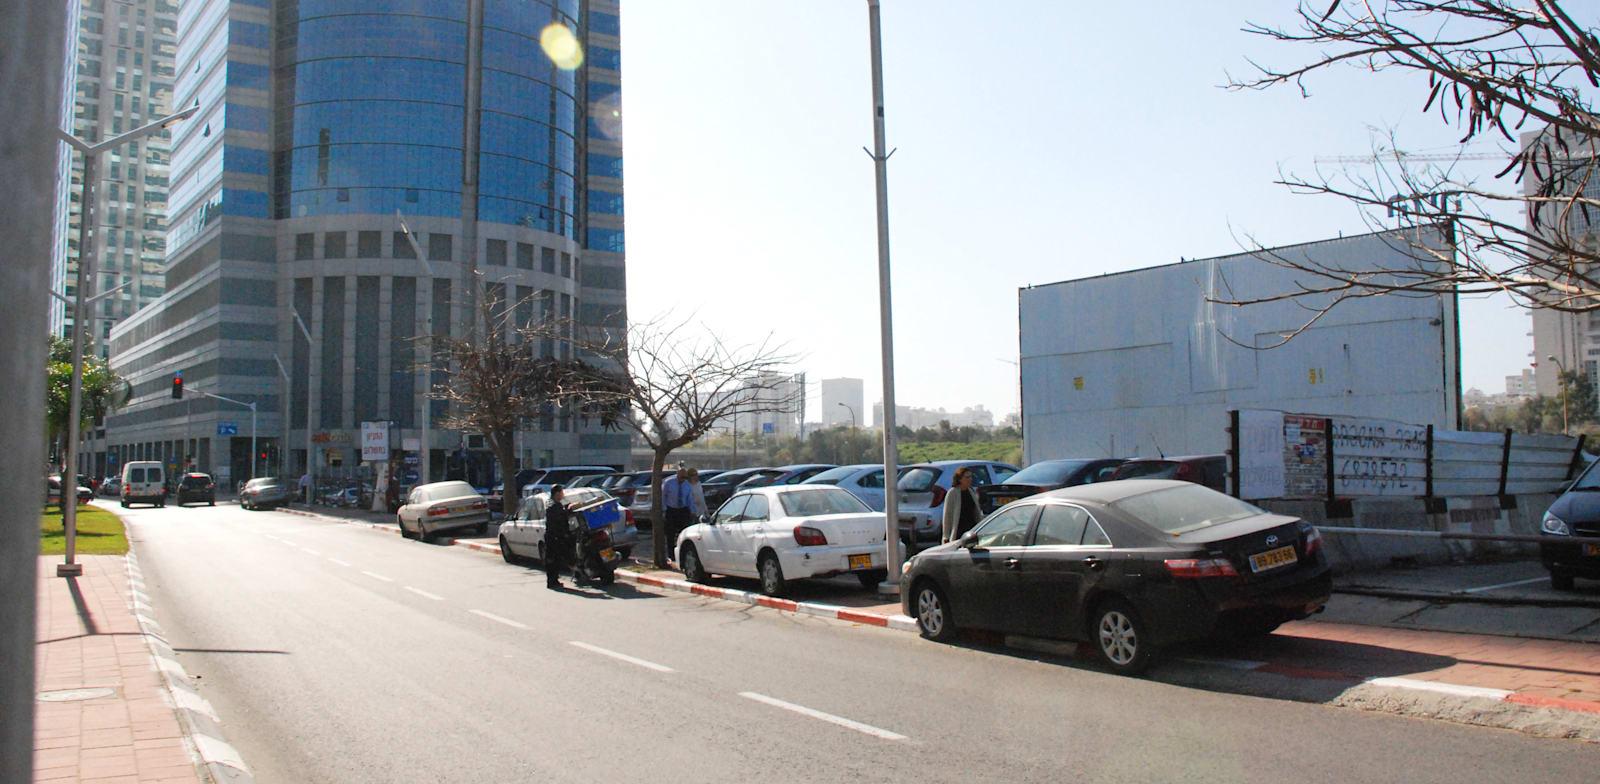 מגרש חניה ברחוב מנחם בגין 13 רמת גן / צילום: אלי יהב